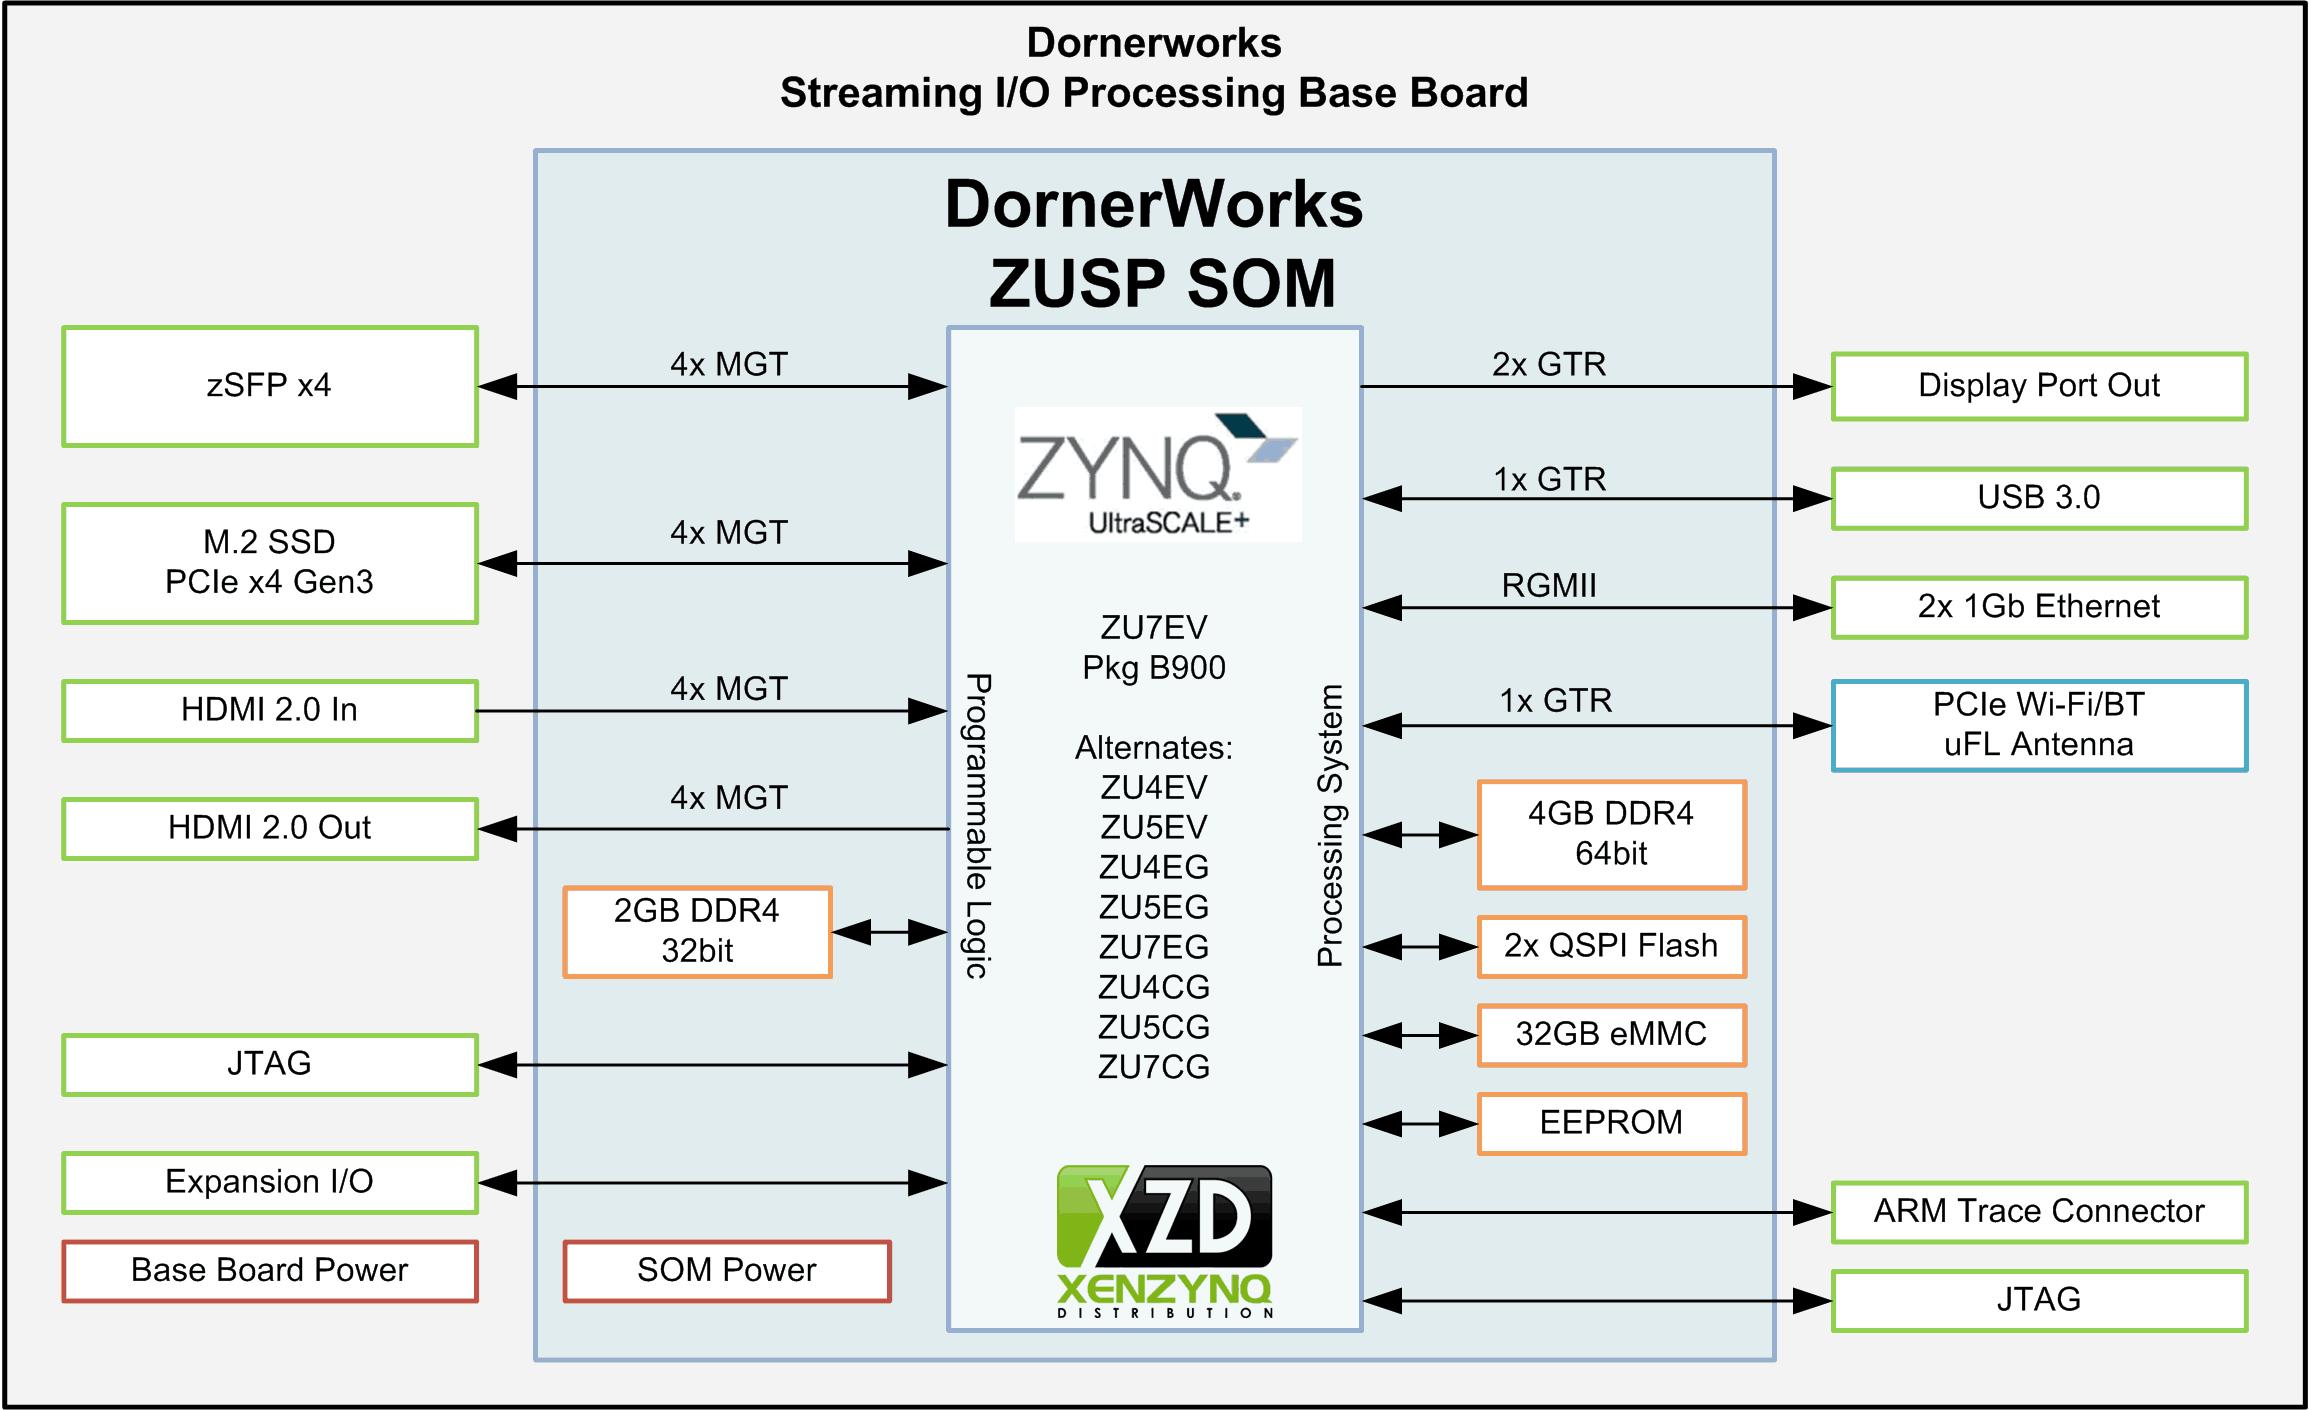 ZUS+ SOM diagram